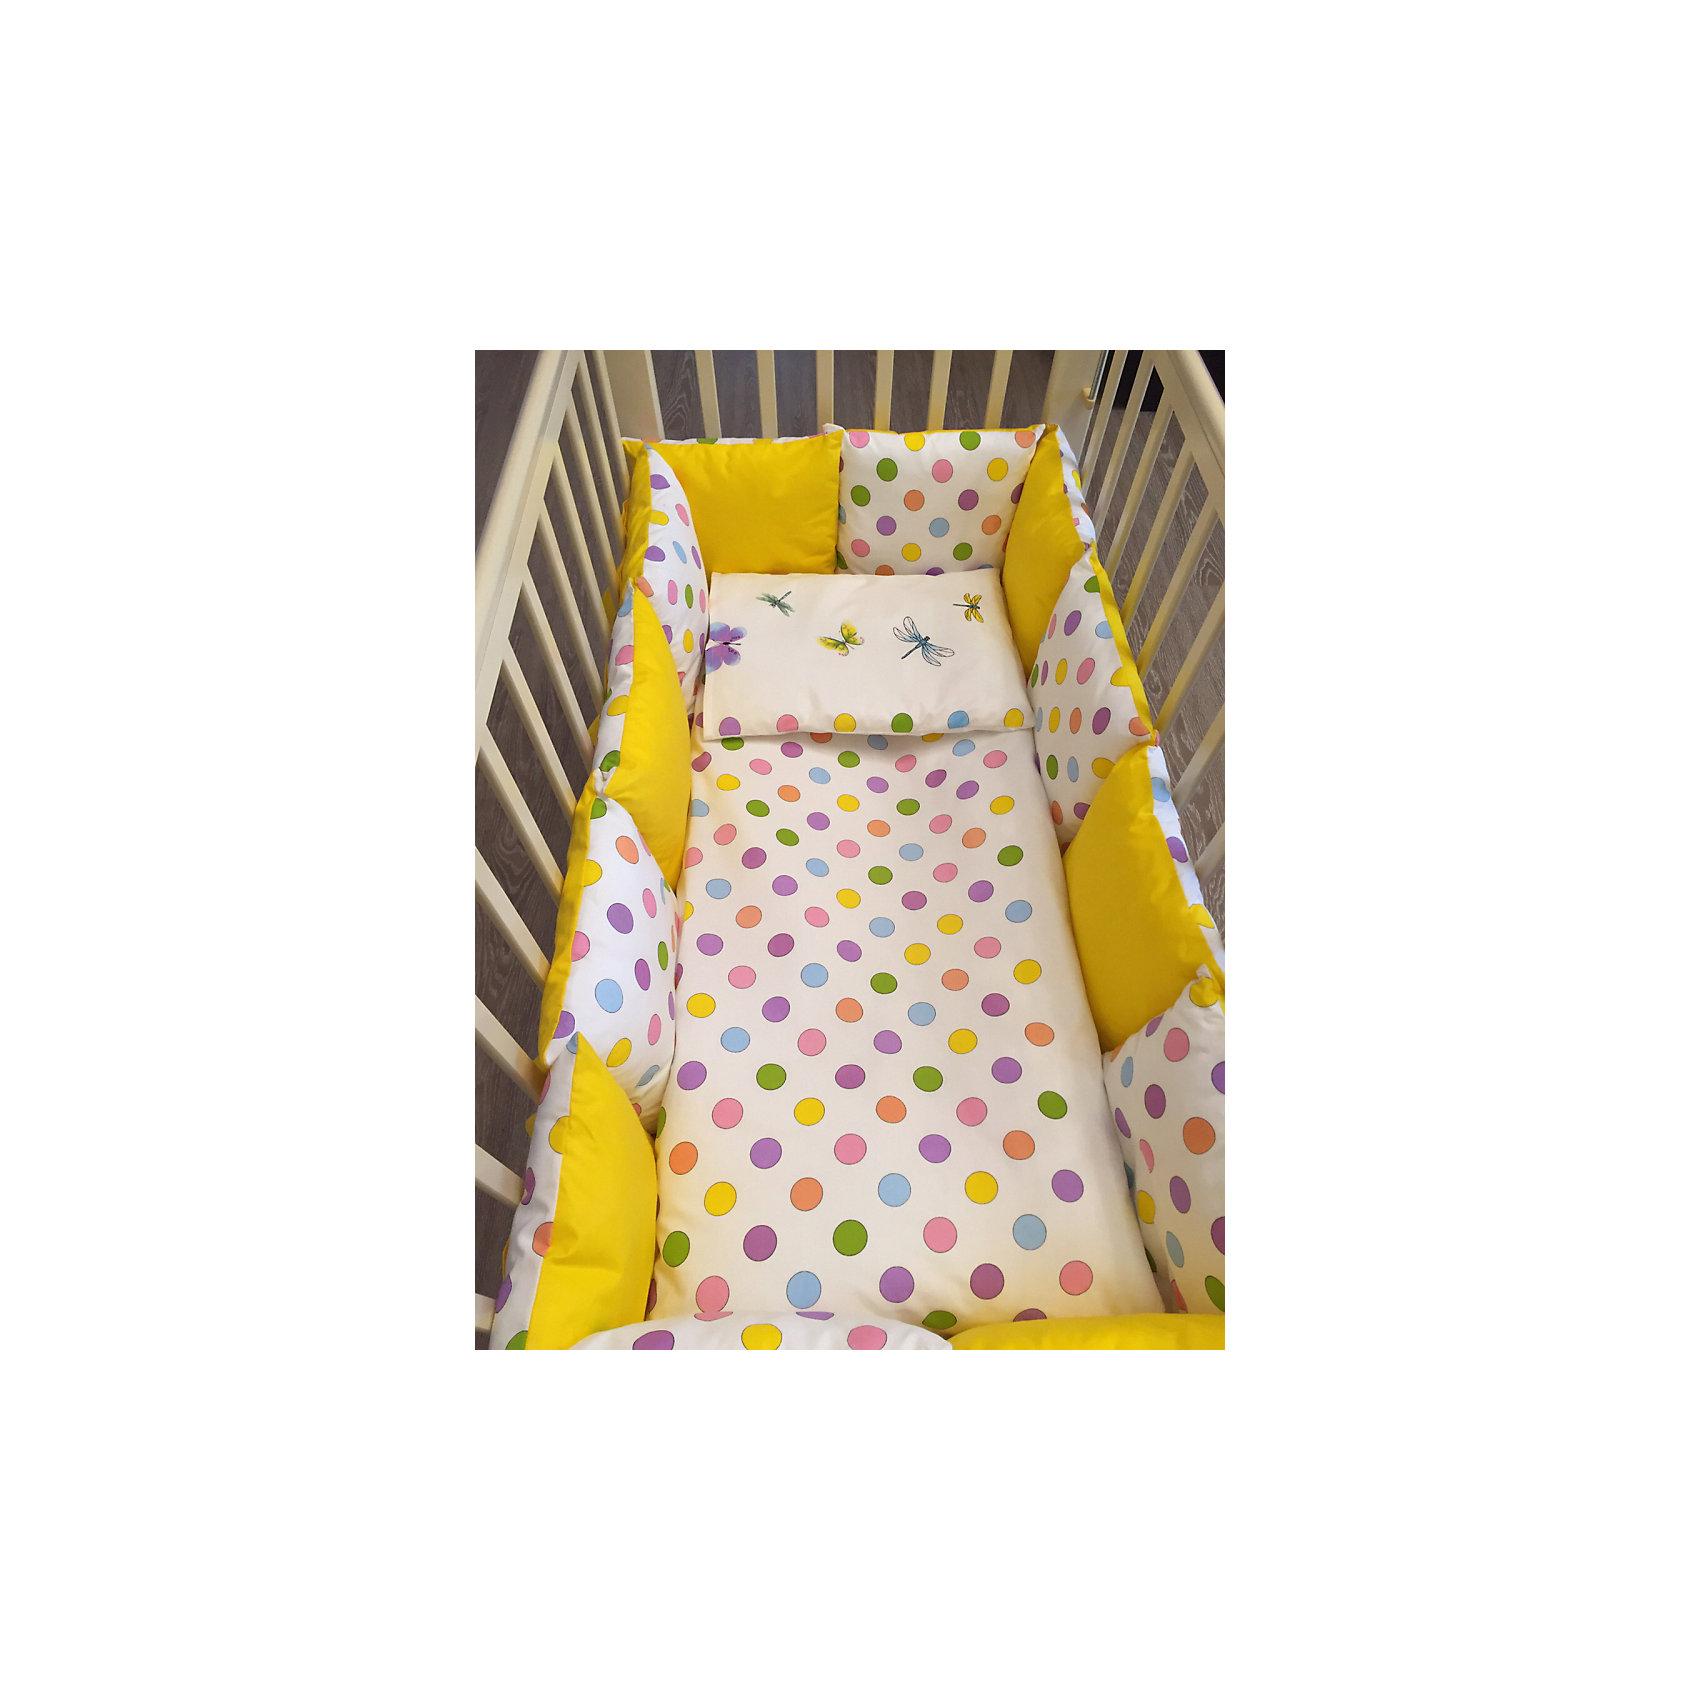 Постельное белье Горох 6 пред., byTwinzКомплект постельного белья byTwinz состоит из 6-ти предметов: бортик из подушек, подушка, одеяло, наволочка, пододеяльник и простынь. Постельное белье выполнено из гипоаллергенных материалов, наполнитель подушек и одеяла экологически чистый. <br><br>Мягкий бортик состоит из 12-ти подушек, которые размещаются по периметру кроватки и крепятся к бортику с помощью тканевых завязок. Наволочки подушек съемные. <br>Пододеяльник застегивается на молнию, которая находится с боковой стороны изделия (продольный край). <br>Простынь на резинке надежно фиксируется, не сминается и не сползает. <br><br>Комплект в кроватку «Горох» предназначен для детских кроваток размером 120х60 см и 125х65 см. <br><br>Дополнительная информация:<br><br>Размеры: <br><br>- бортики-подушки, 12 шт.: 30х30 см каждая;<br>- наволочки на молнии на бортики-подушки, 12 шт.: 33х33 см каждая;<br>- детская подушка: 35х45 см;<br>- детское одеяло: 100х140 см;<br>- пододеяльник на молнии: 105х145 см;<br>- наволочка: 36х46 см; <br>- простынь на резинке: 125х65 см.<br><br>Материал: 100% хлопок<br>Наполнитель (подушки, одеяло): холлофайбер<br><br>Постельное белье Горох 6 пред., byTwinz можно купить в нашем интернет-магазине.<br><br>Ширина мм: 580<br>Глубина мм: 580<br>Высота мм: 180<br>Вес г: 3000<br>Возраст от месяцев: 0<br>Возраст до месяцев: 36<br>Пол: Унисекс<br>Возраст: Детский<br>SKU: 5045067